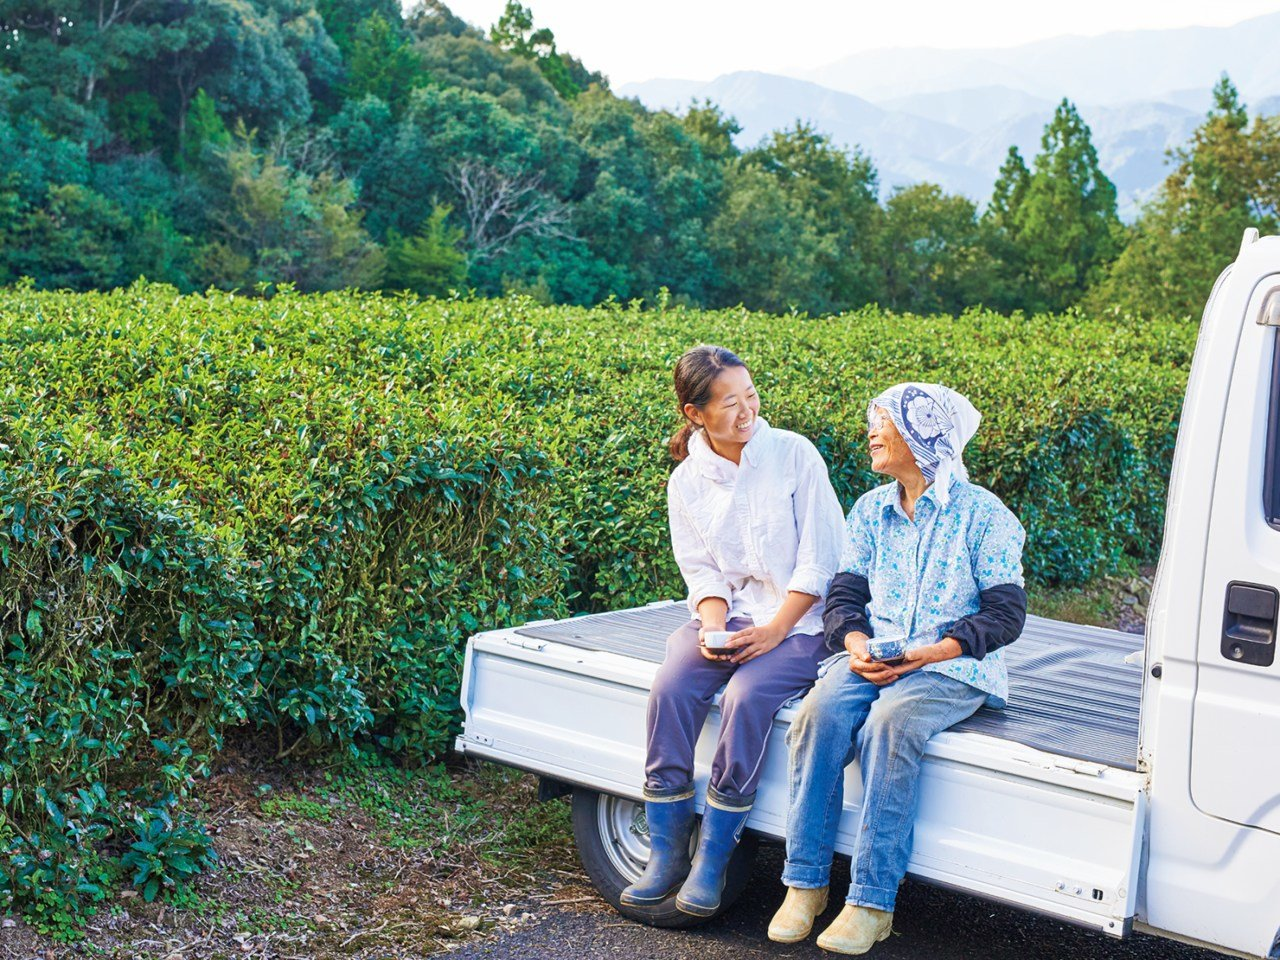 おじいちゃんとおばあちゃんの茶畑を継ぎました。地域の伝統と文化を伝えるなっちゃんの挑戦。